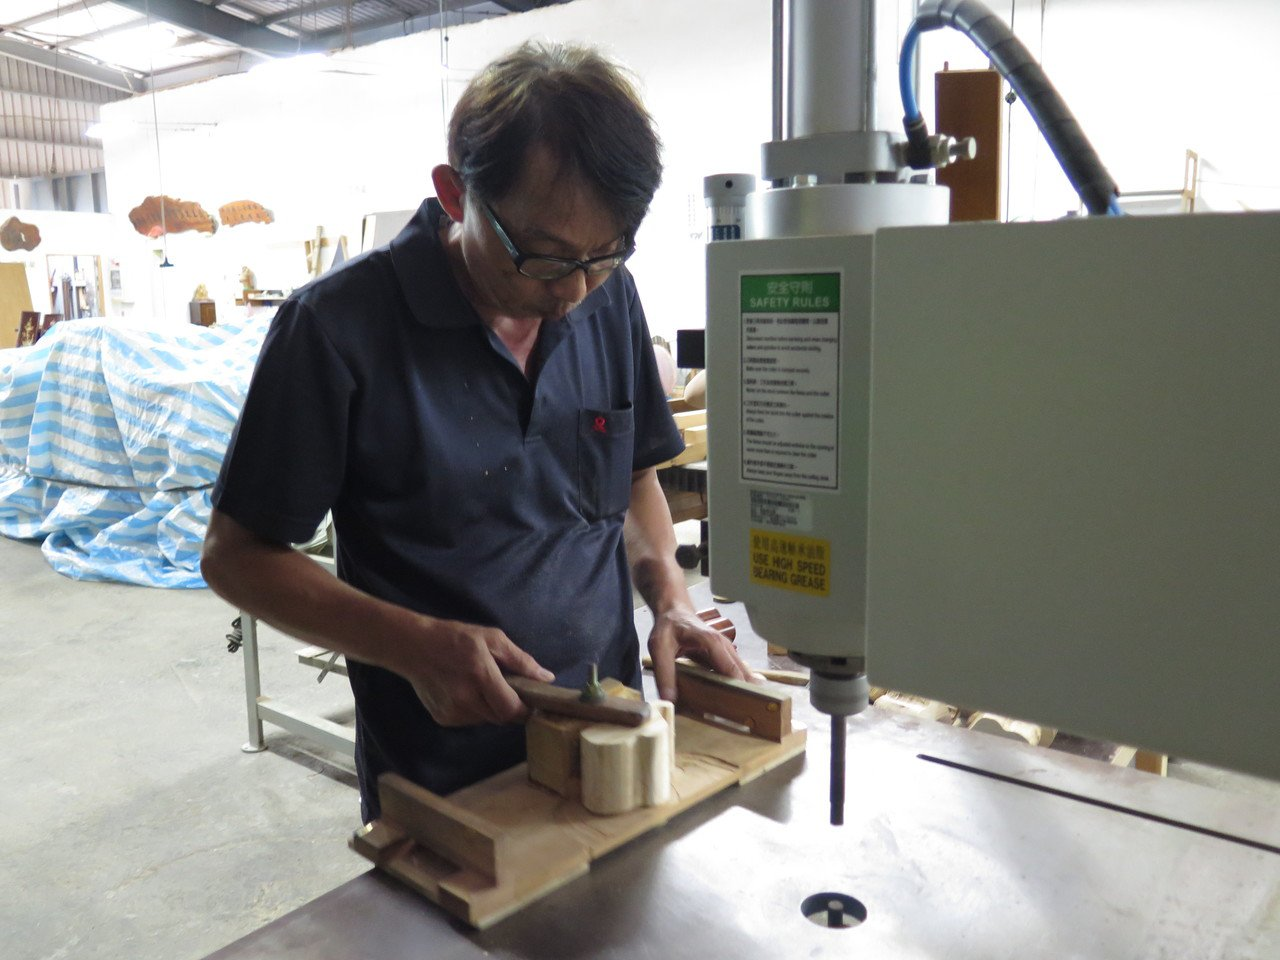 桃仔園修惜站巧思發想製作大象造型的手機架,選用較厚的床板為木材,並拼黏三層木材,...